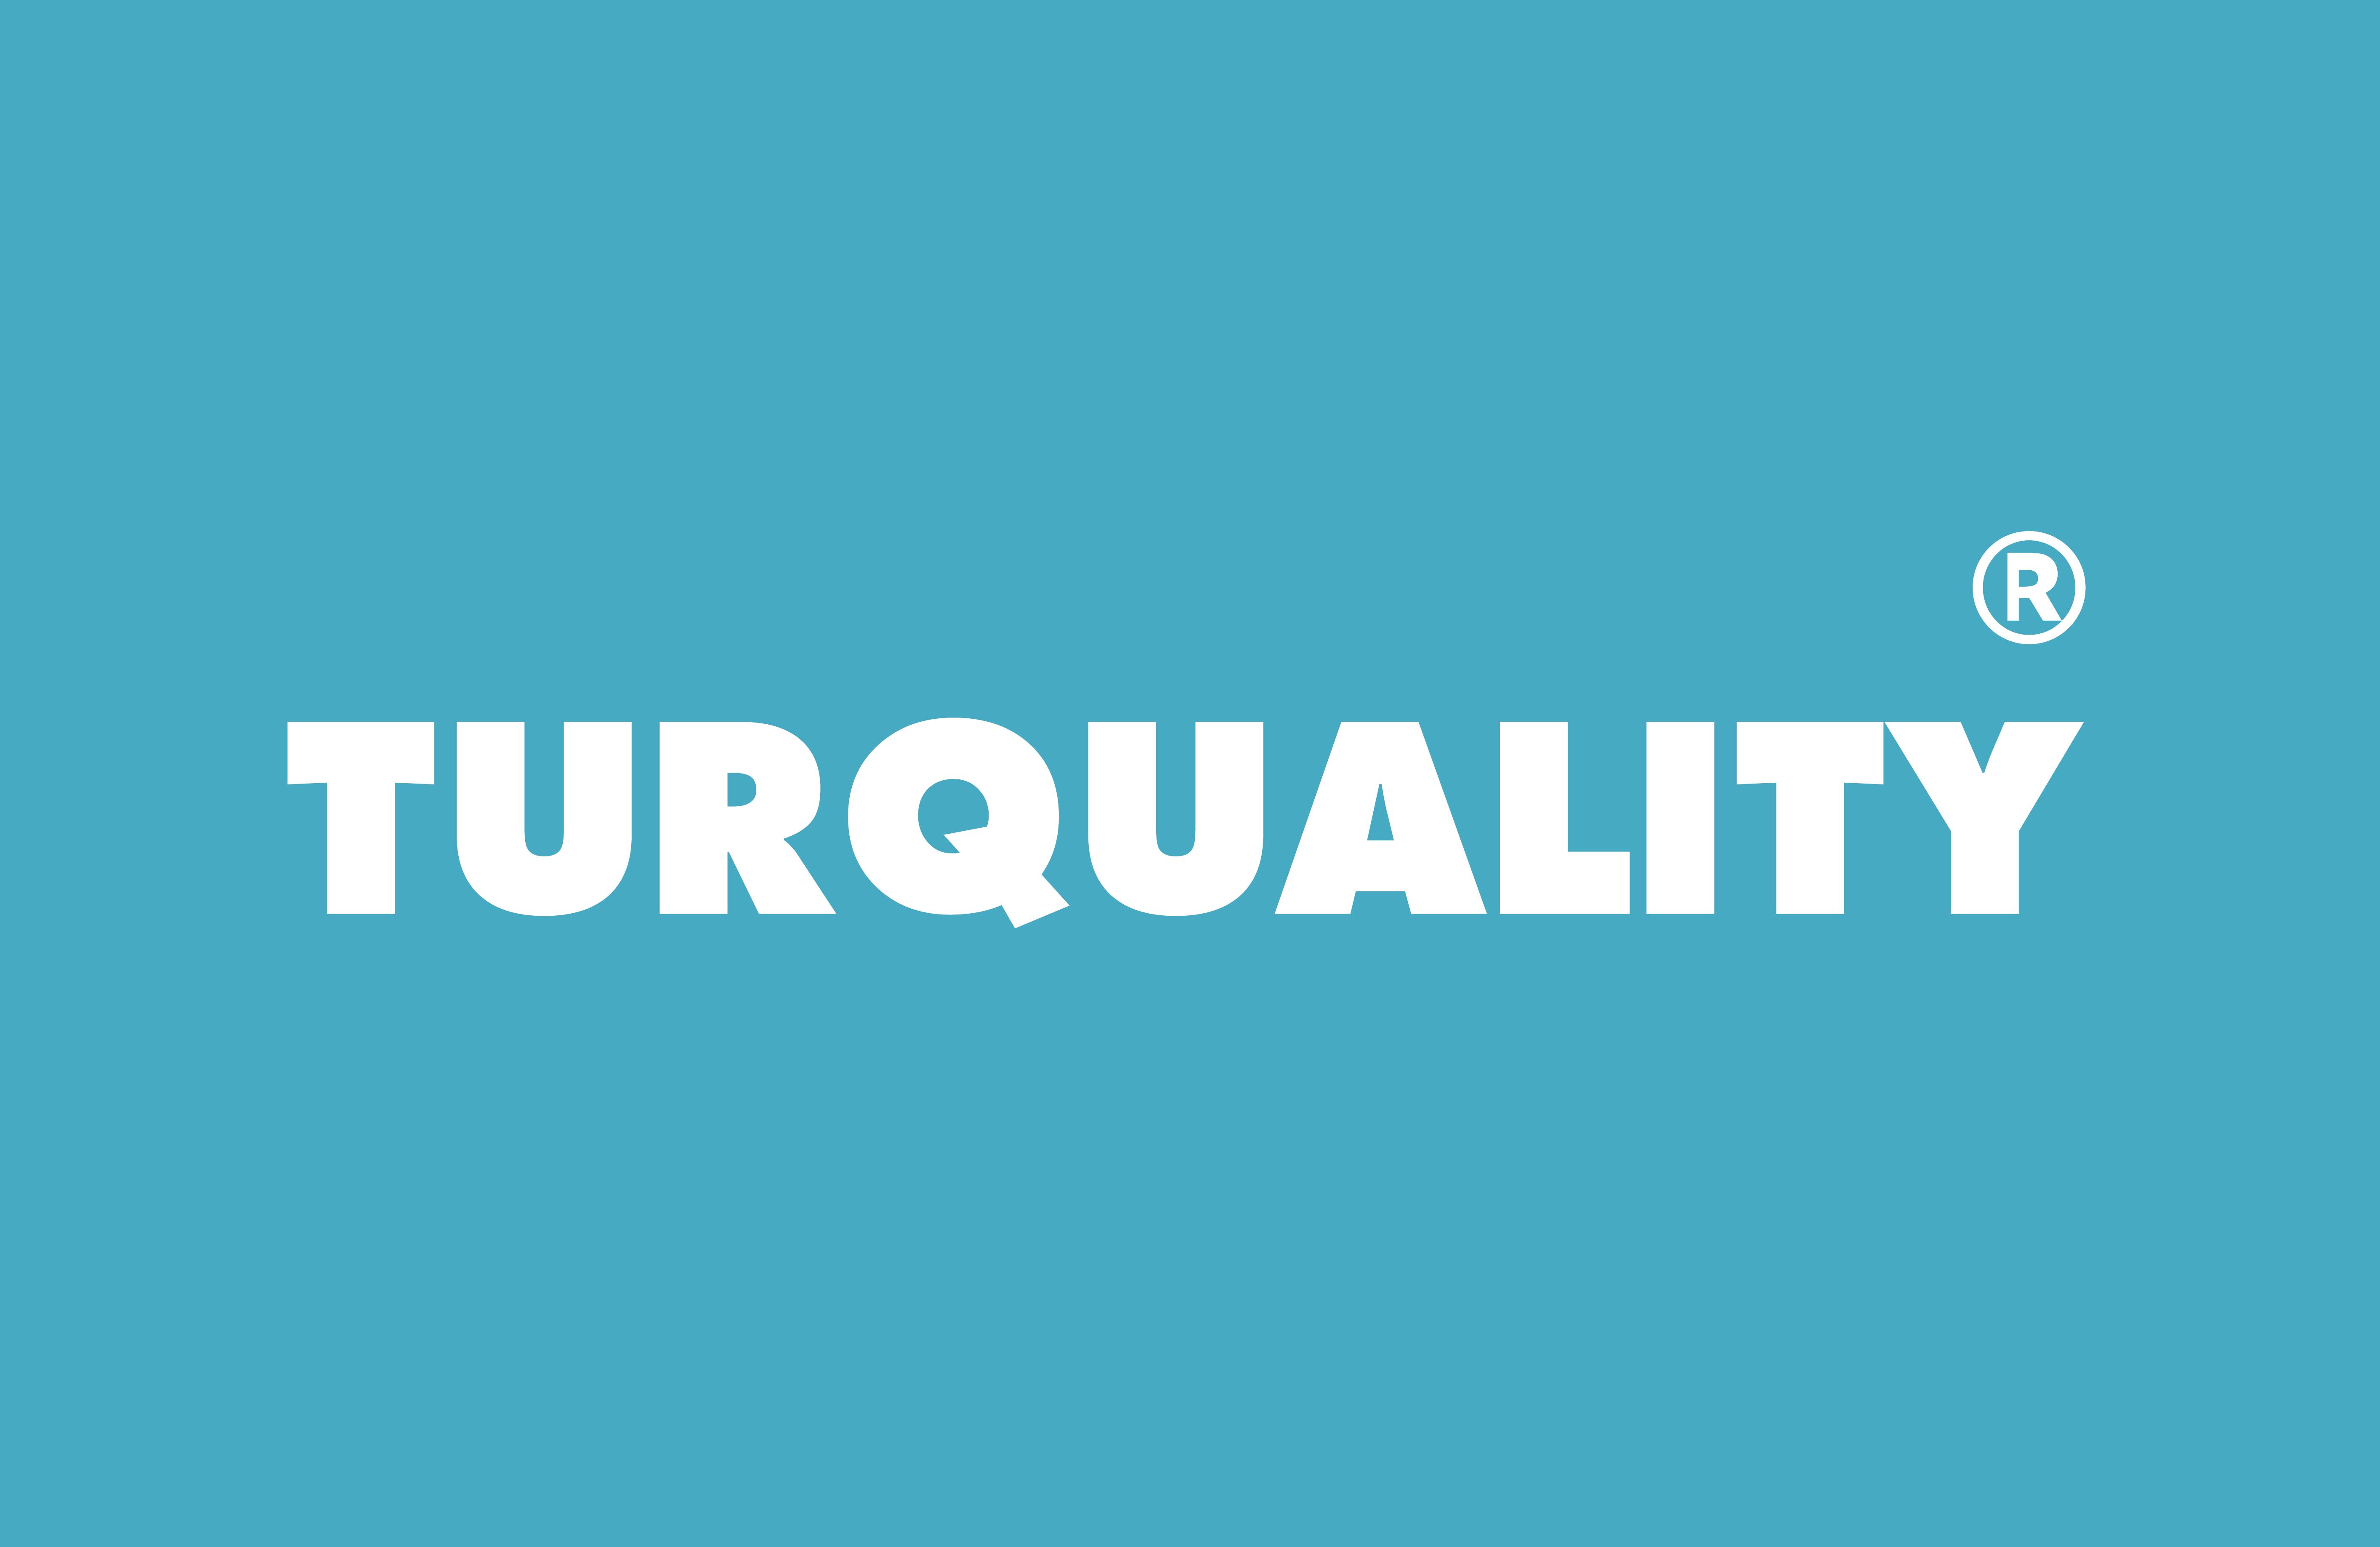 turquality destek programları